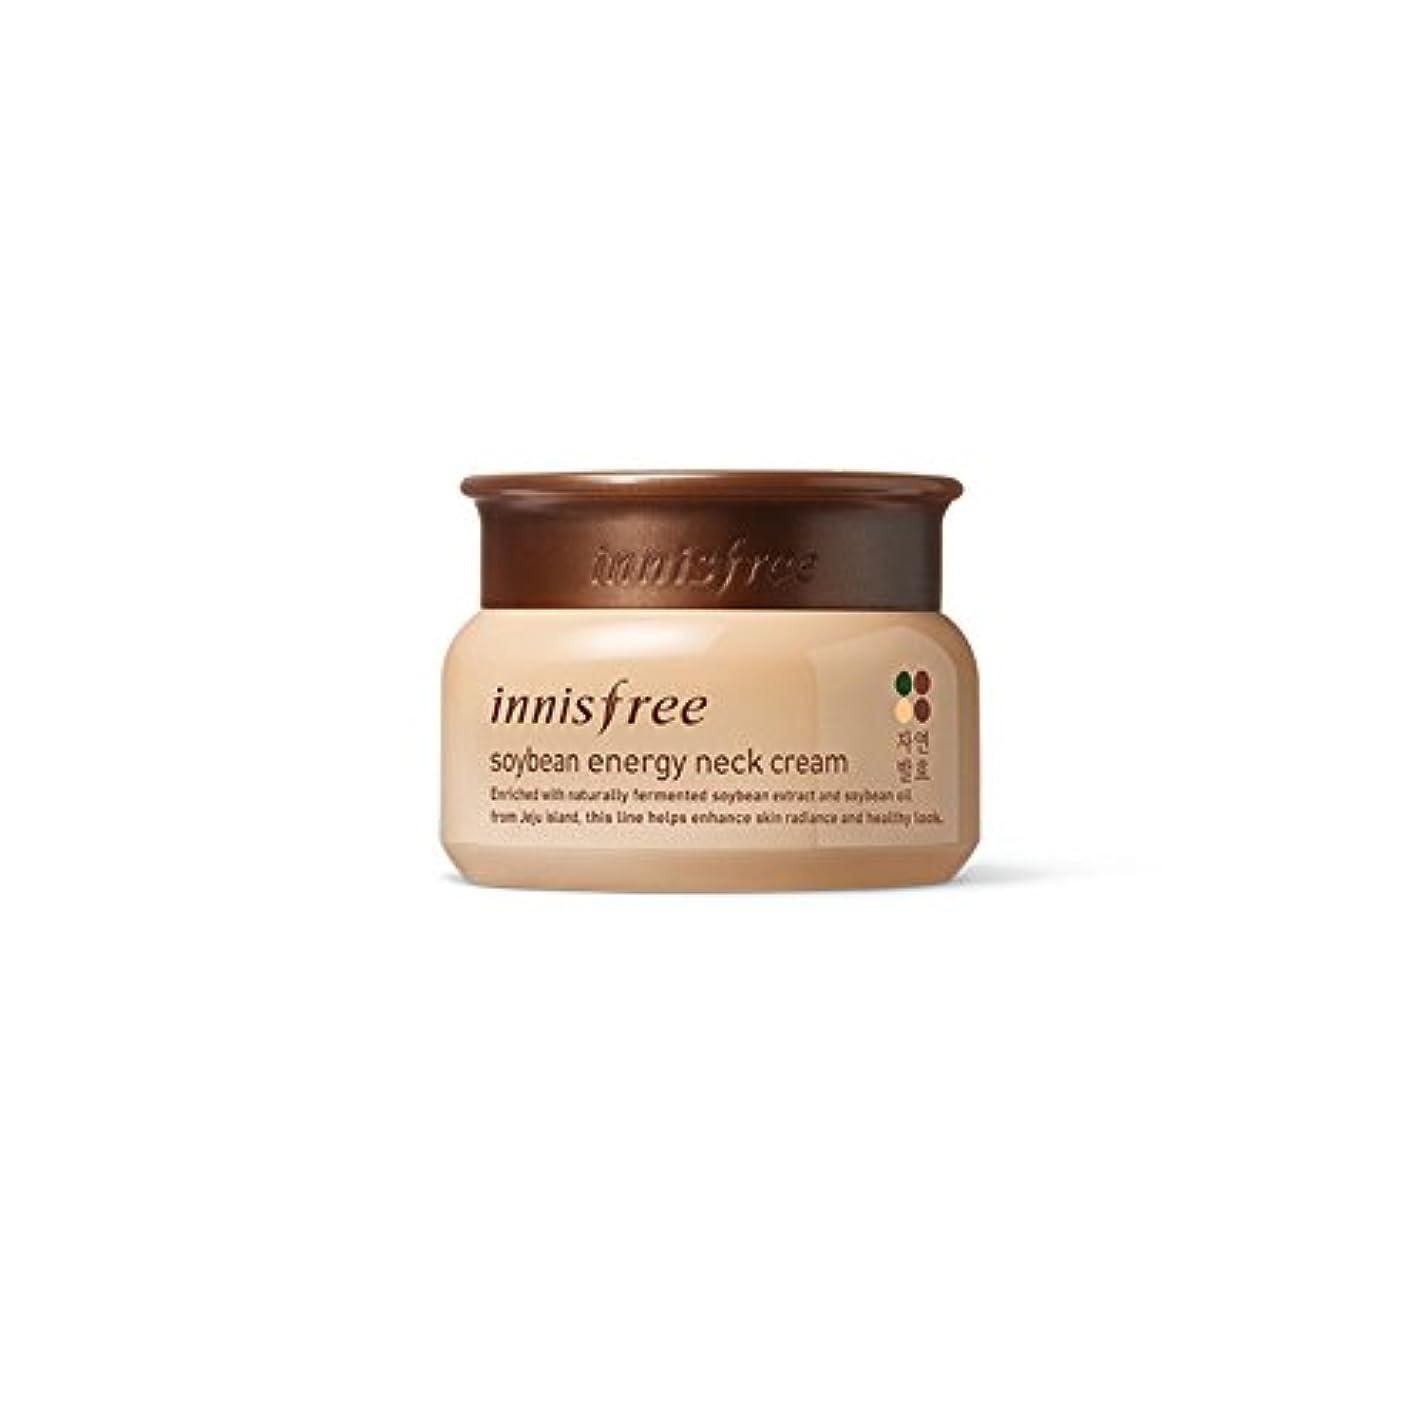 正義無人所持[イニスフリー] Innisfree 発酵大豆エネジネッククリーム (80ml) Innisfree Soy Bean Energy Neck Cream (80ml) [海外直送品]